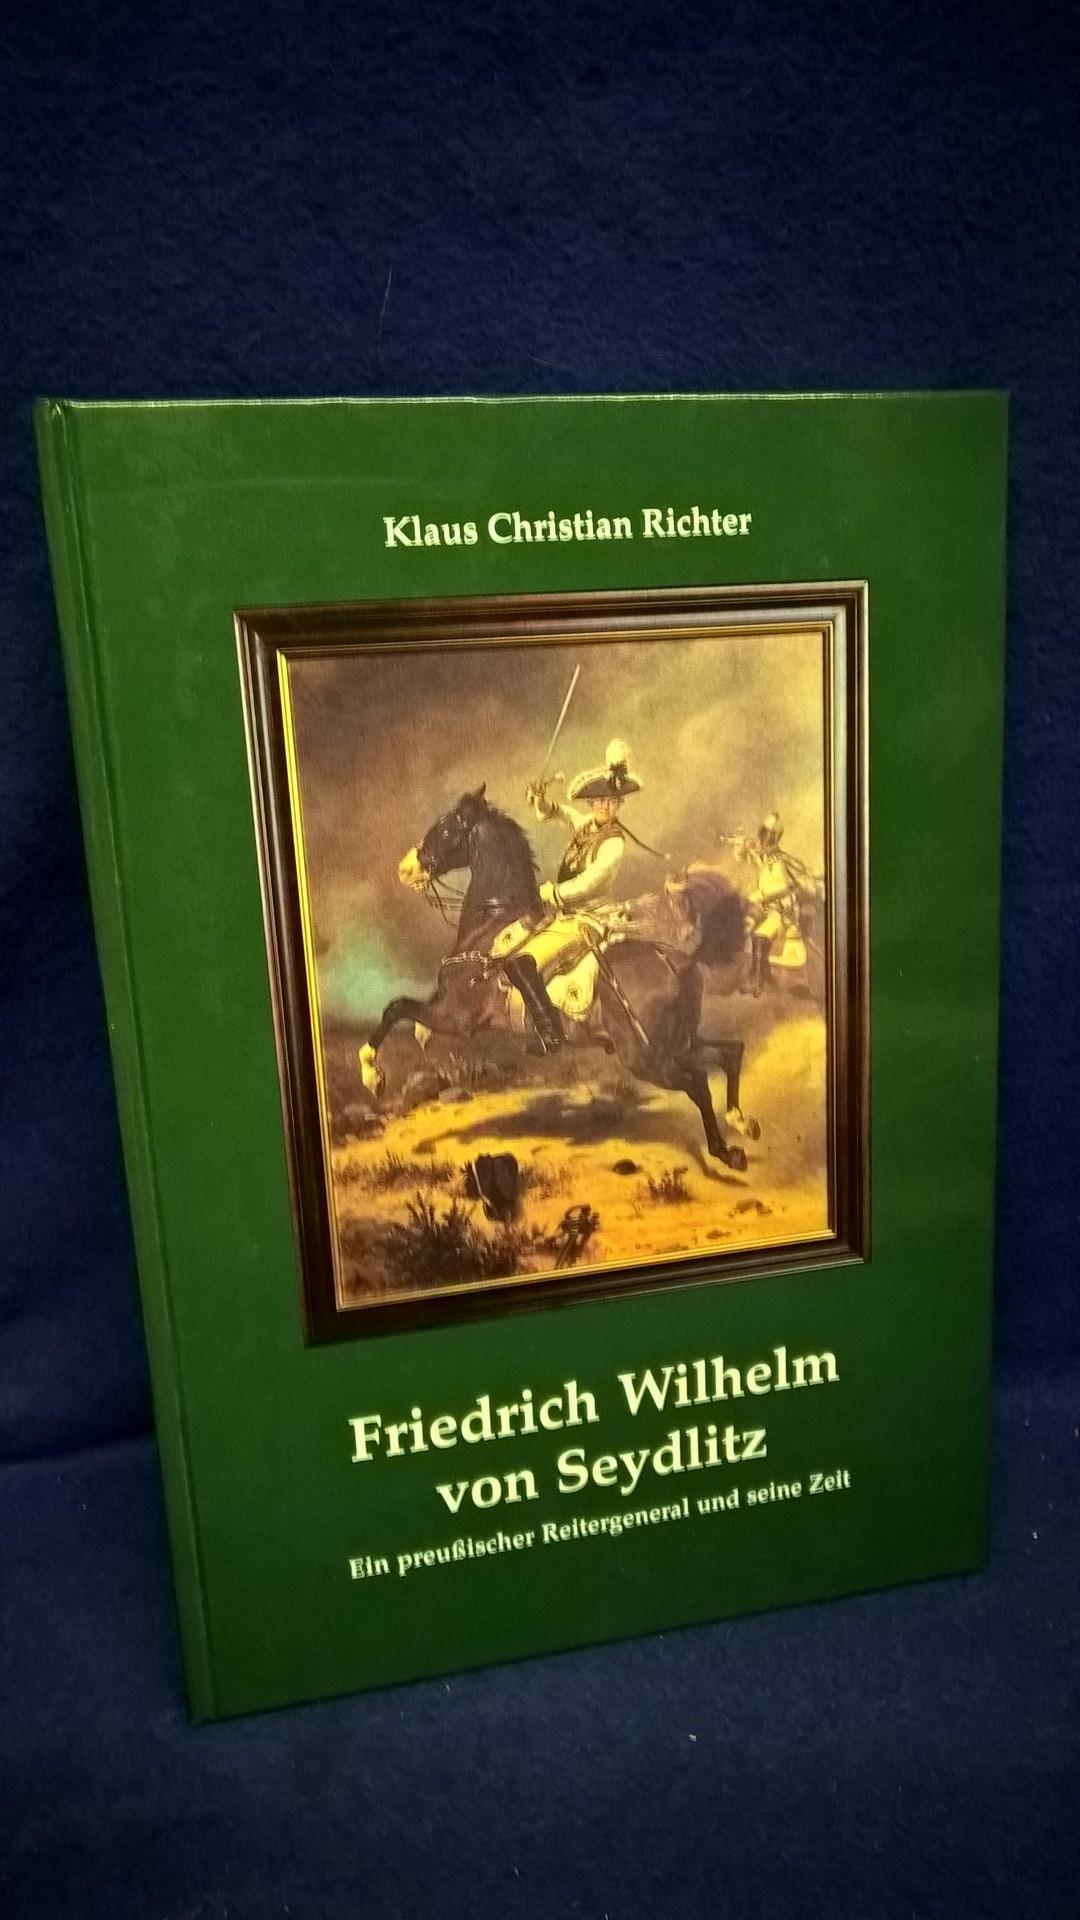 Friedrich Wilhelm von Seydlitz. Ein preussischer Reitergeneral und seine Zeit.